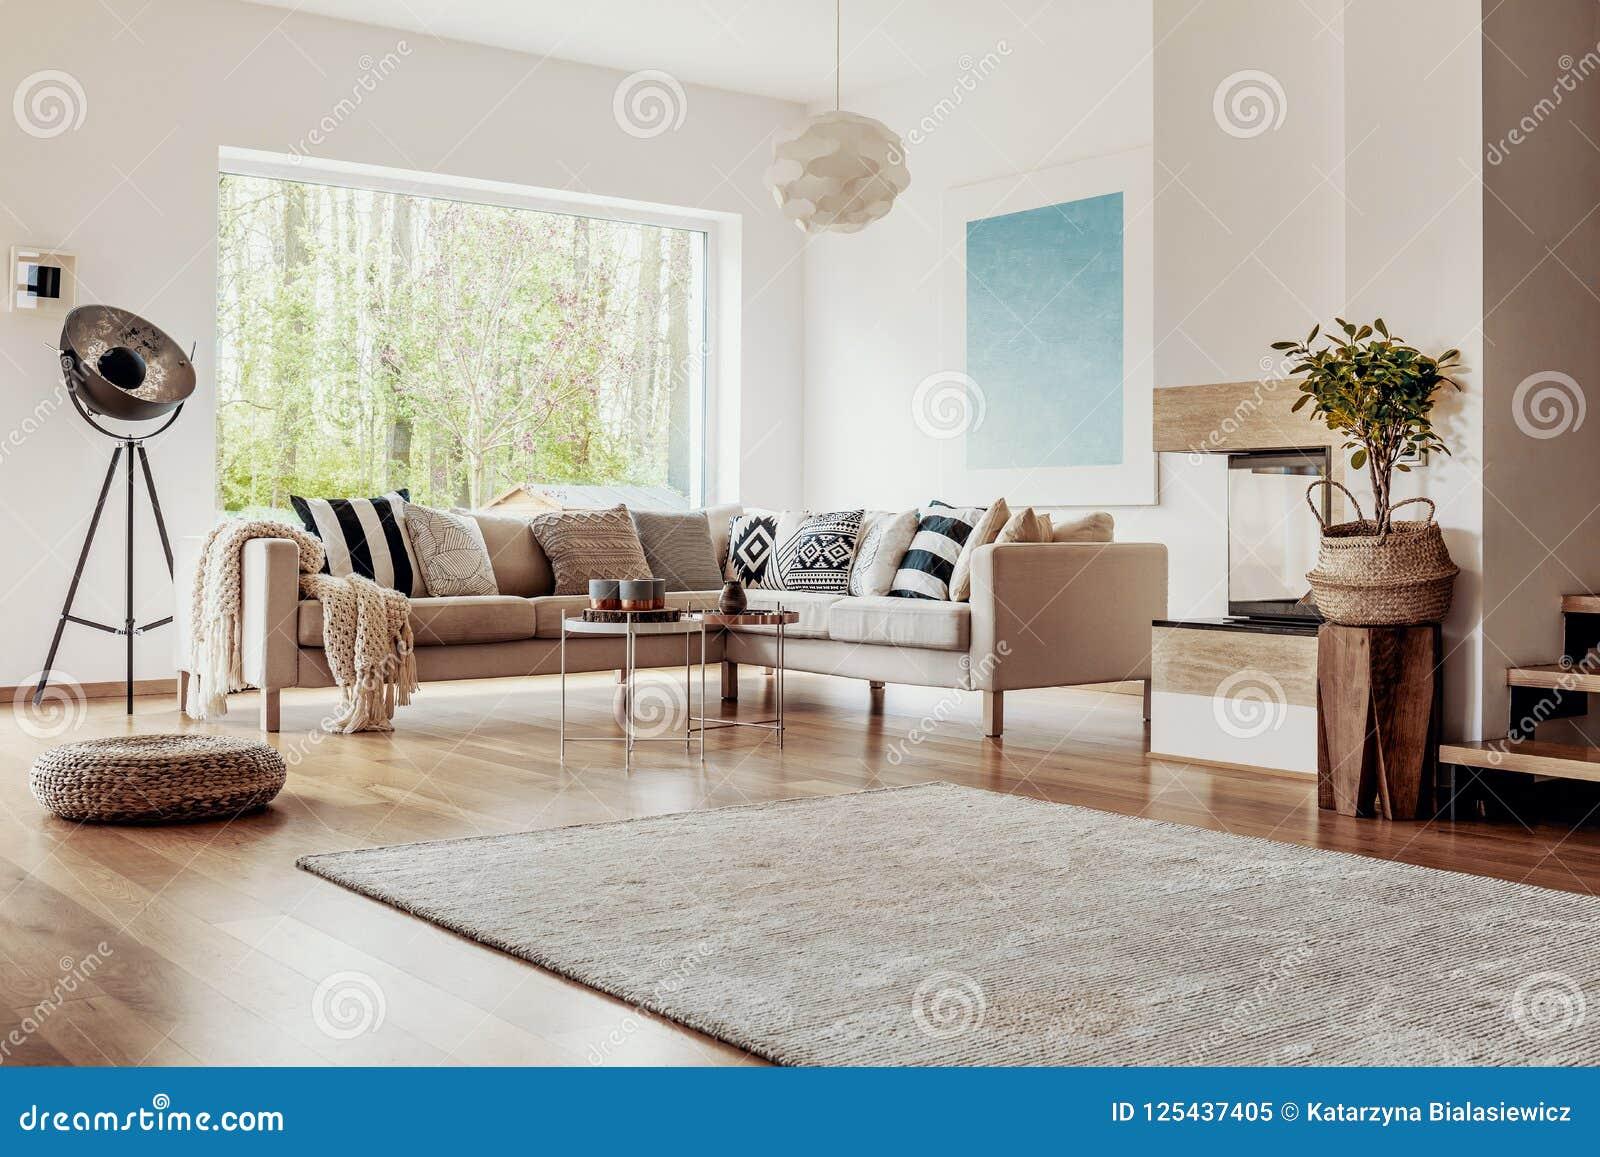 rieten-ottomane-en-een-industri%C3%ABle-staande-lamp-helder-woonkamerbinnenland-met-elegant-decor-houten-elementen-125437405